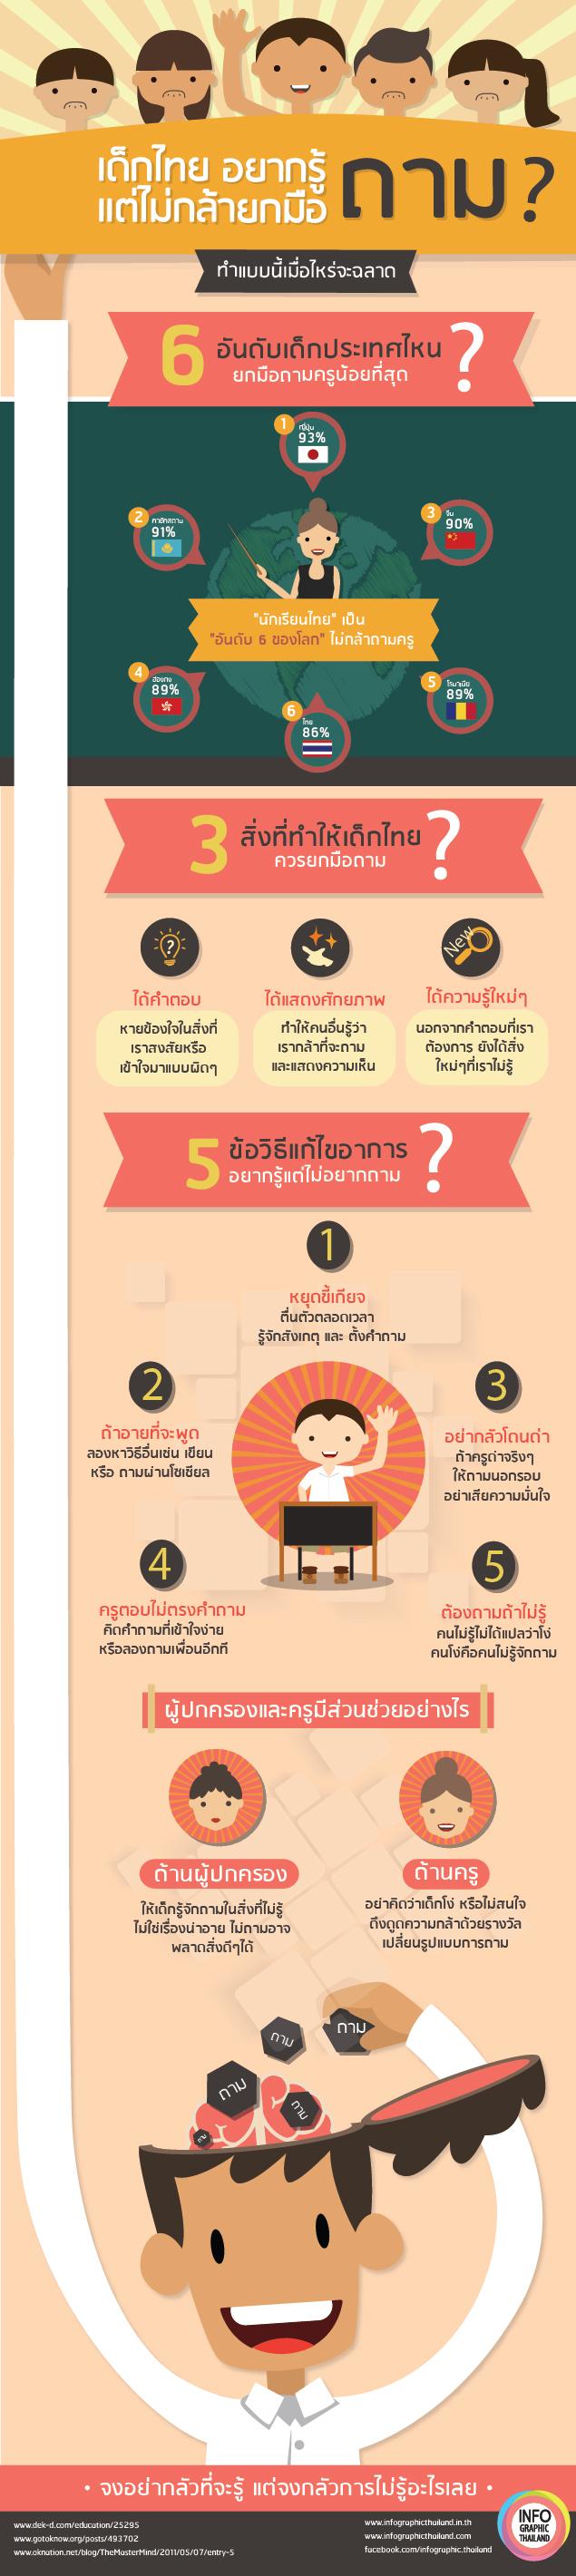 ทำไมเด็กไทยไม่ถาม (1)-01-01